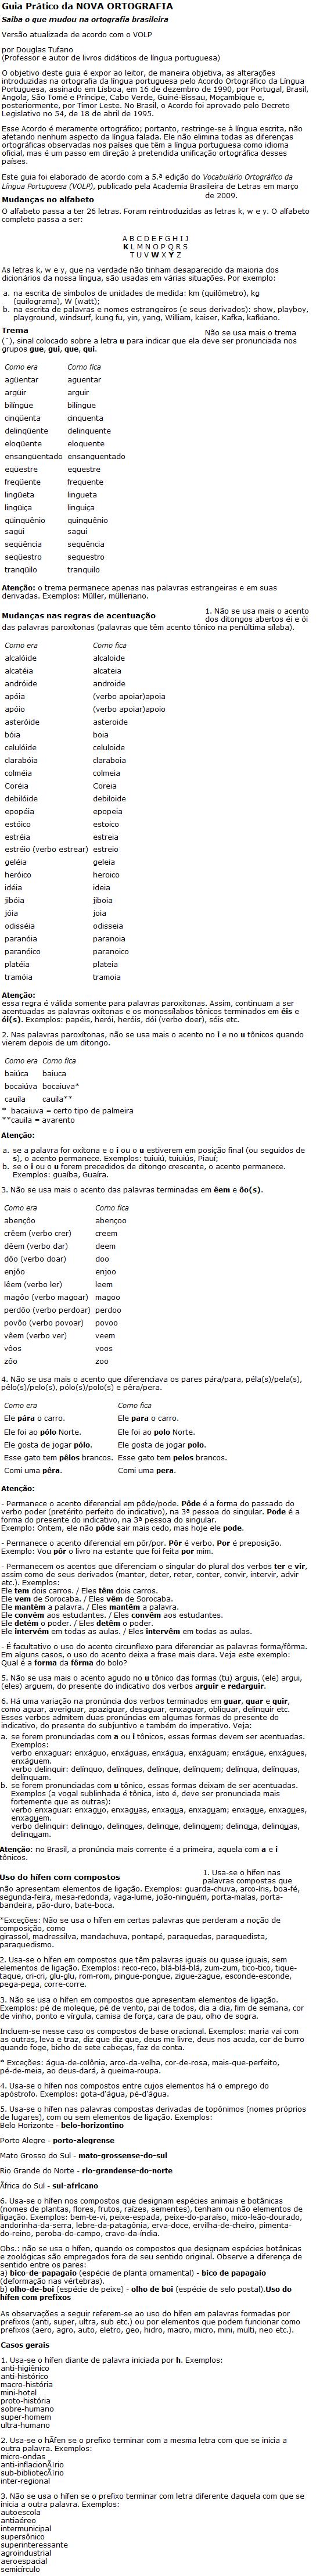 Guia prático da nova ortografia brasileira